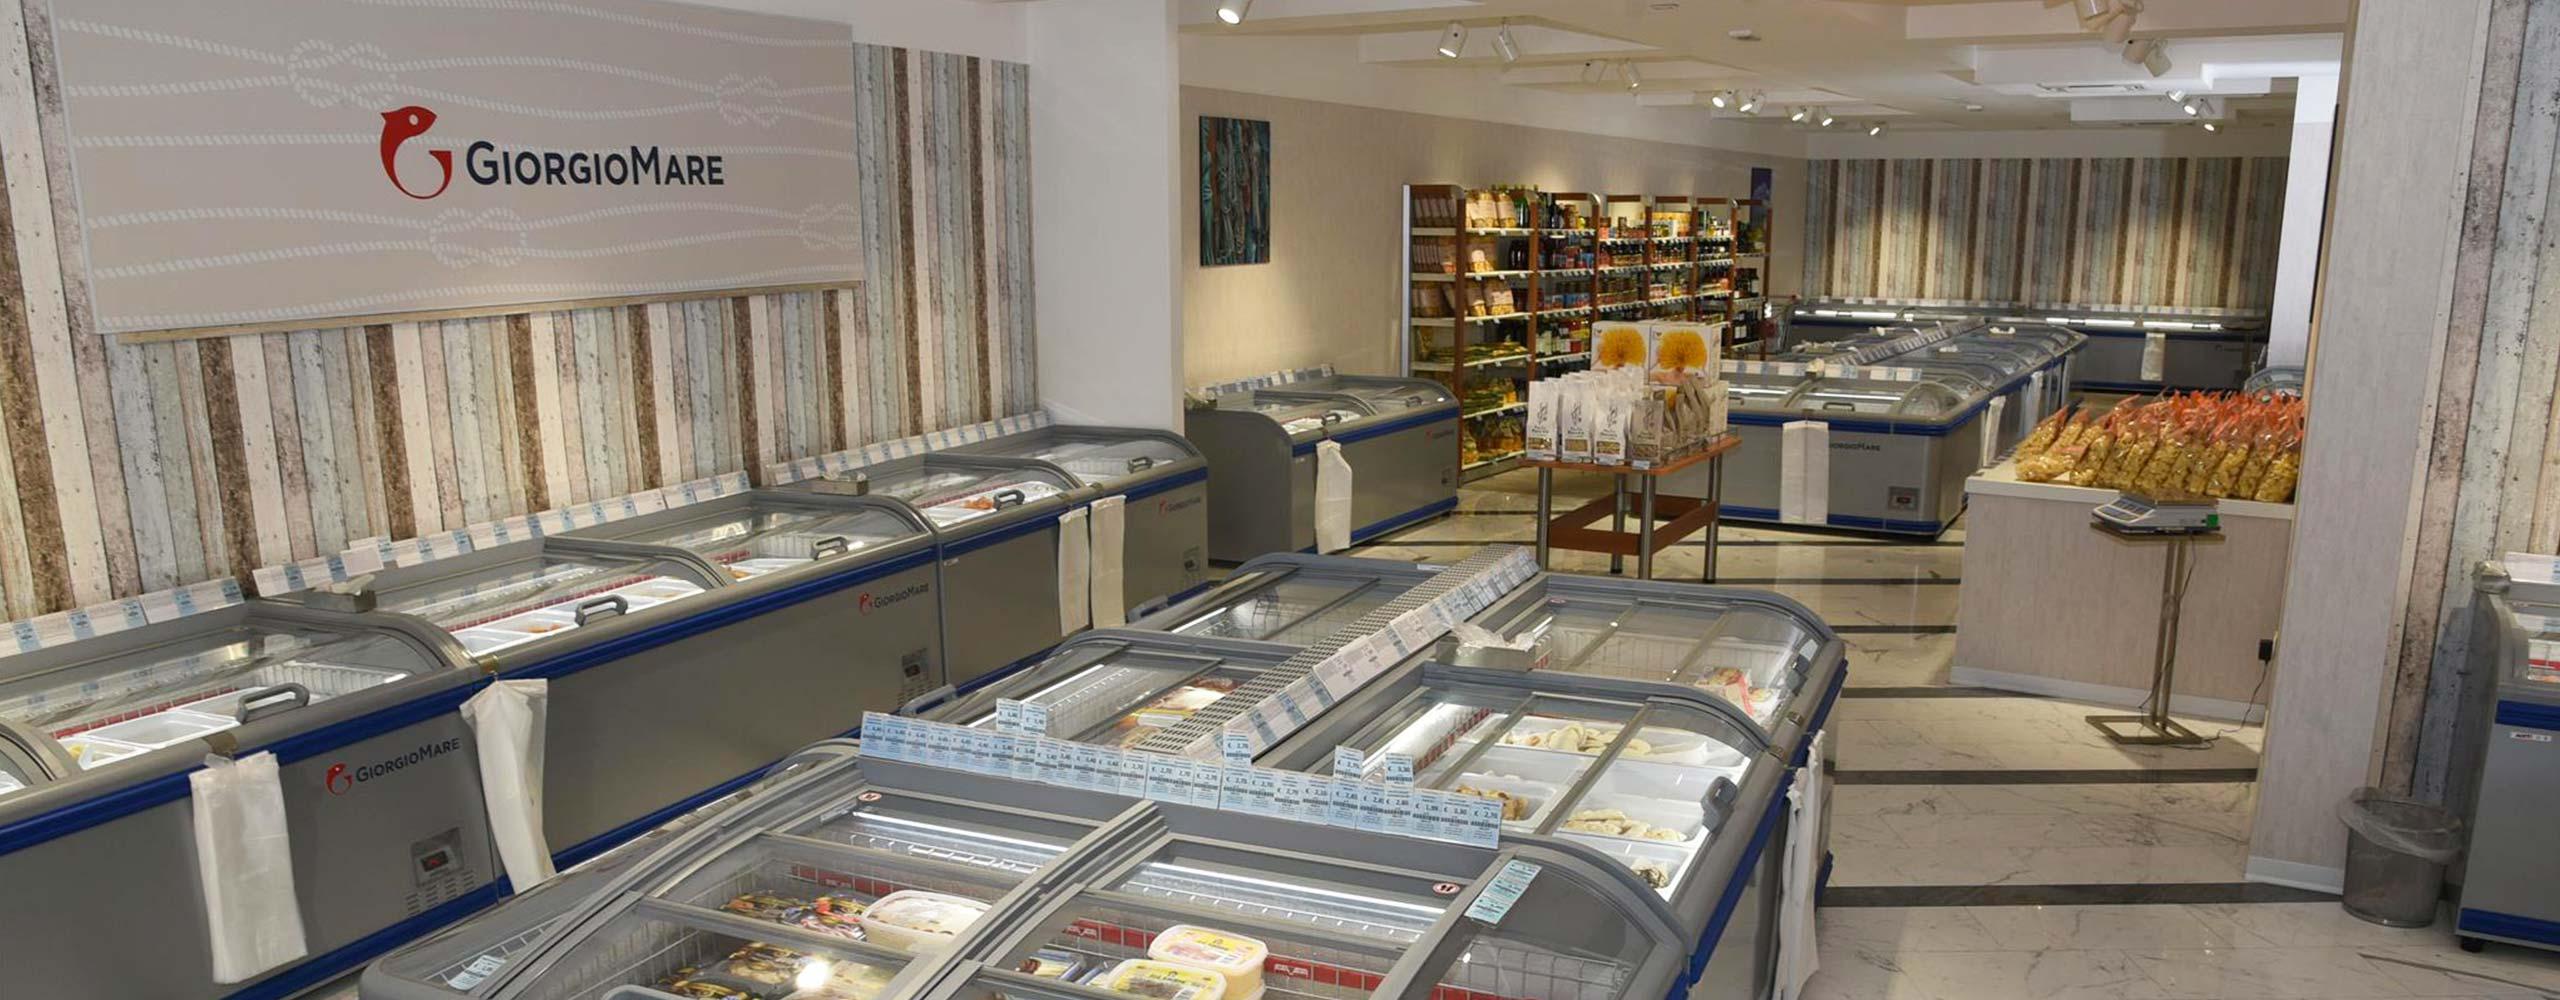 Franchsing GiorgioMare - Panoramica negozio